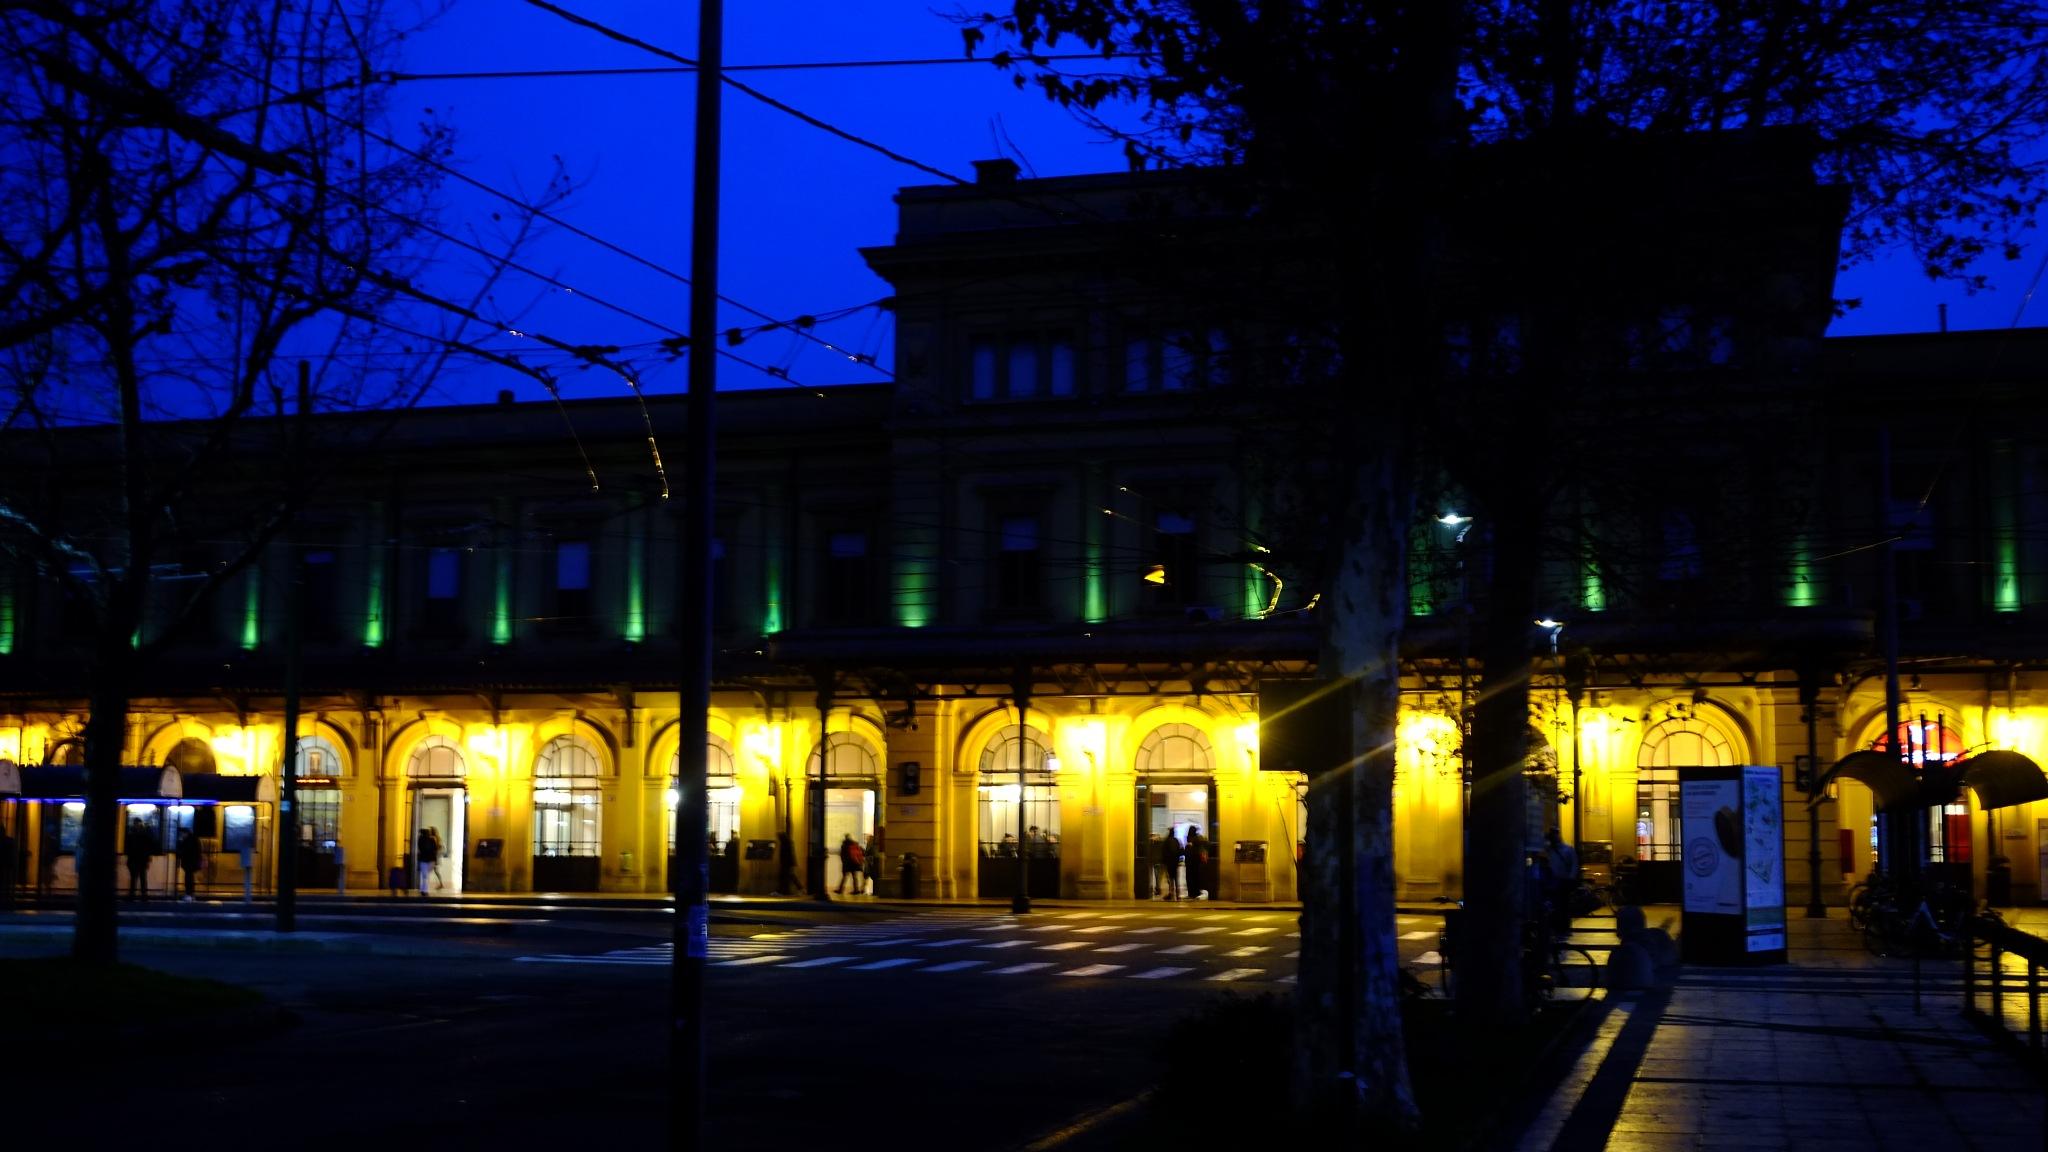 Modena Station by Mau056